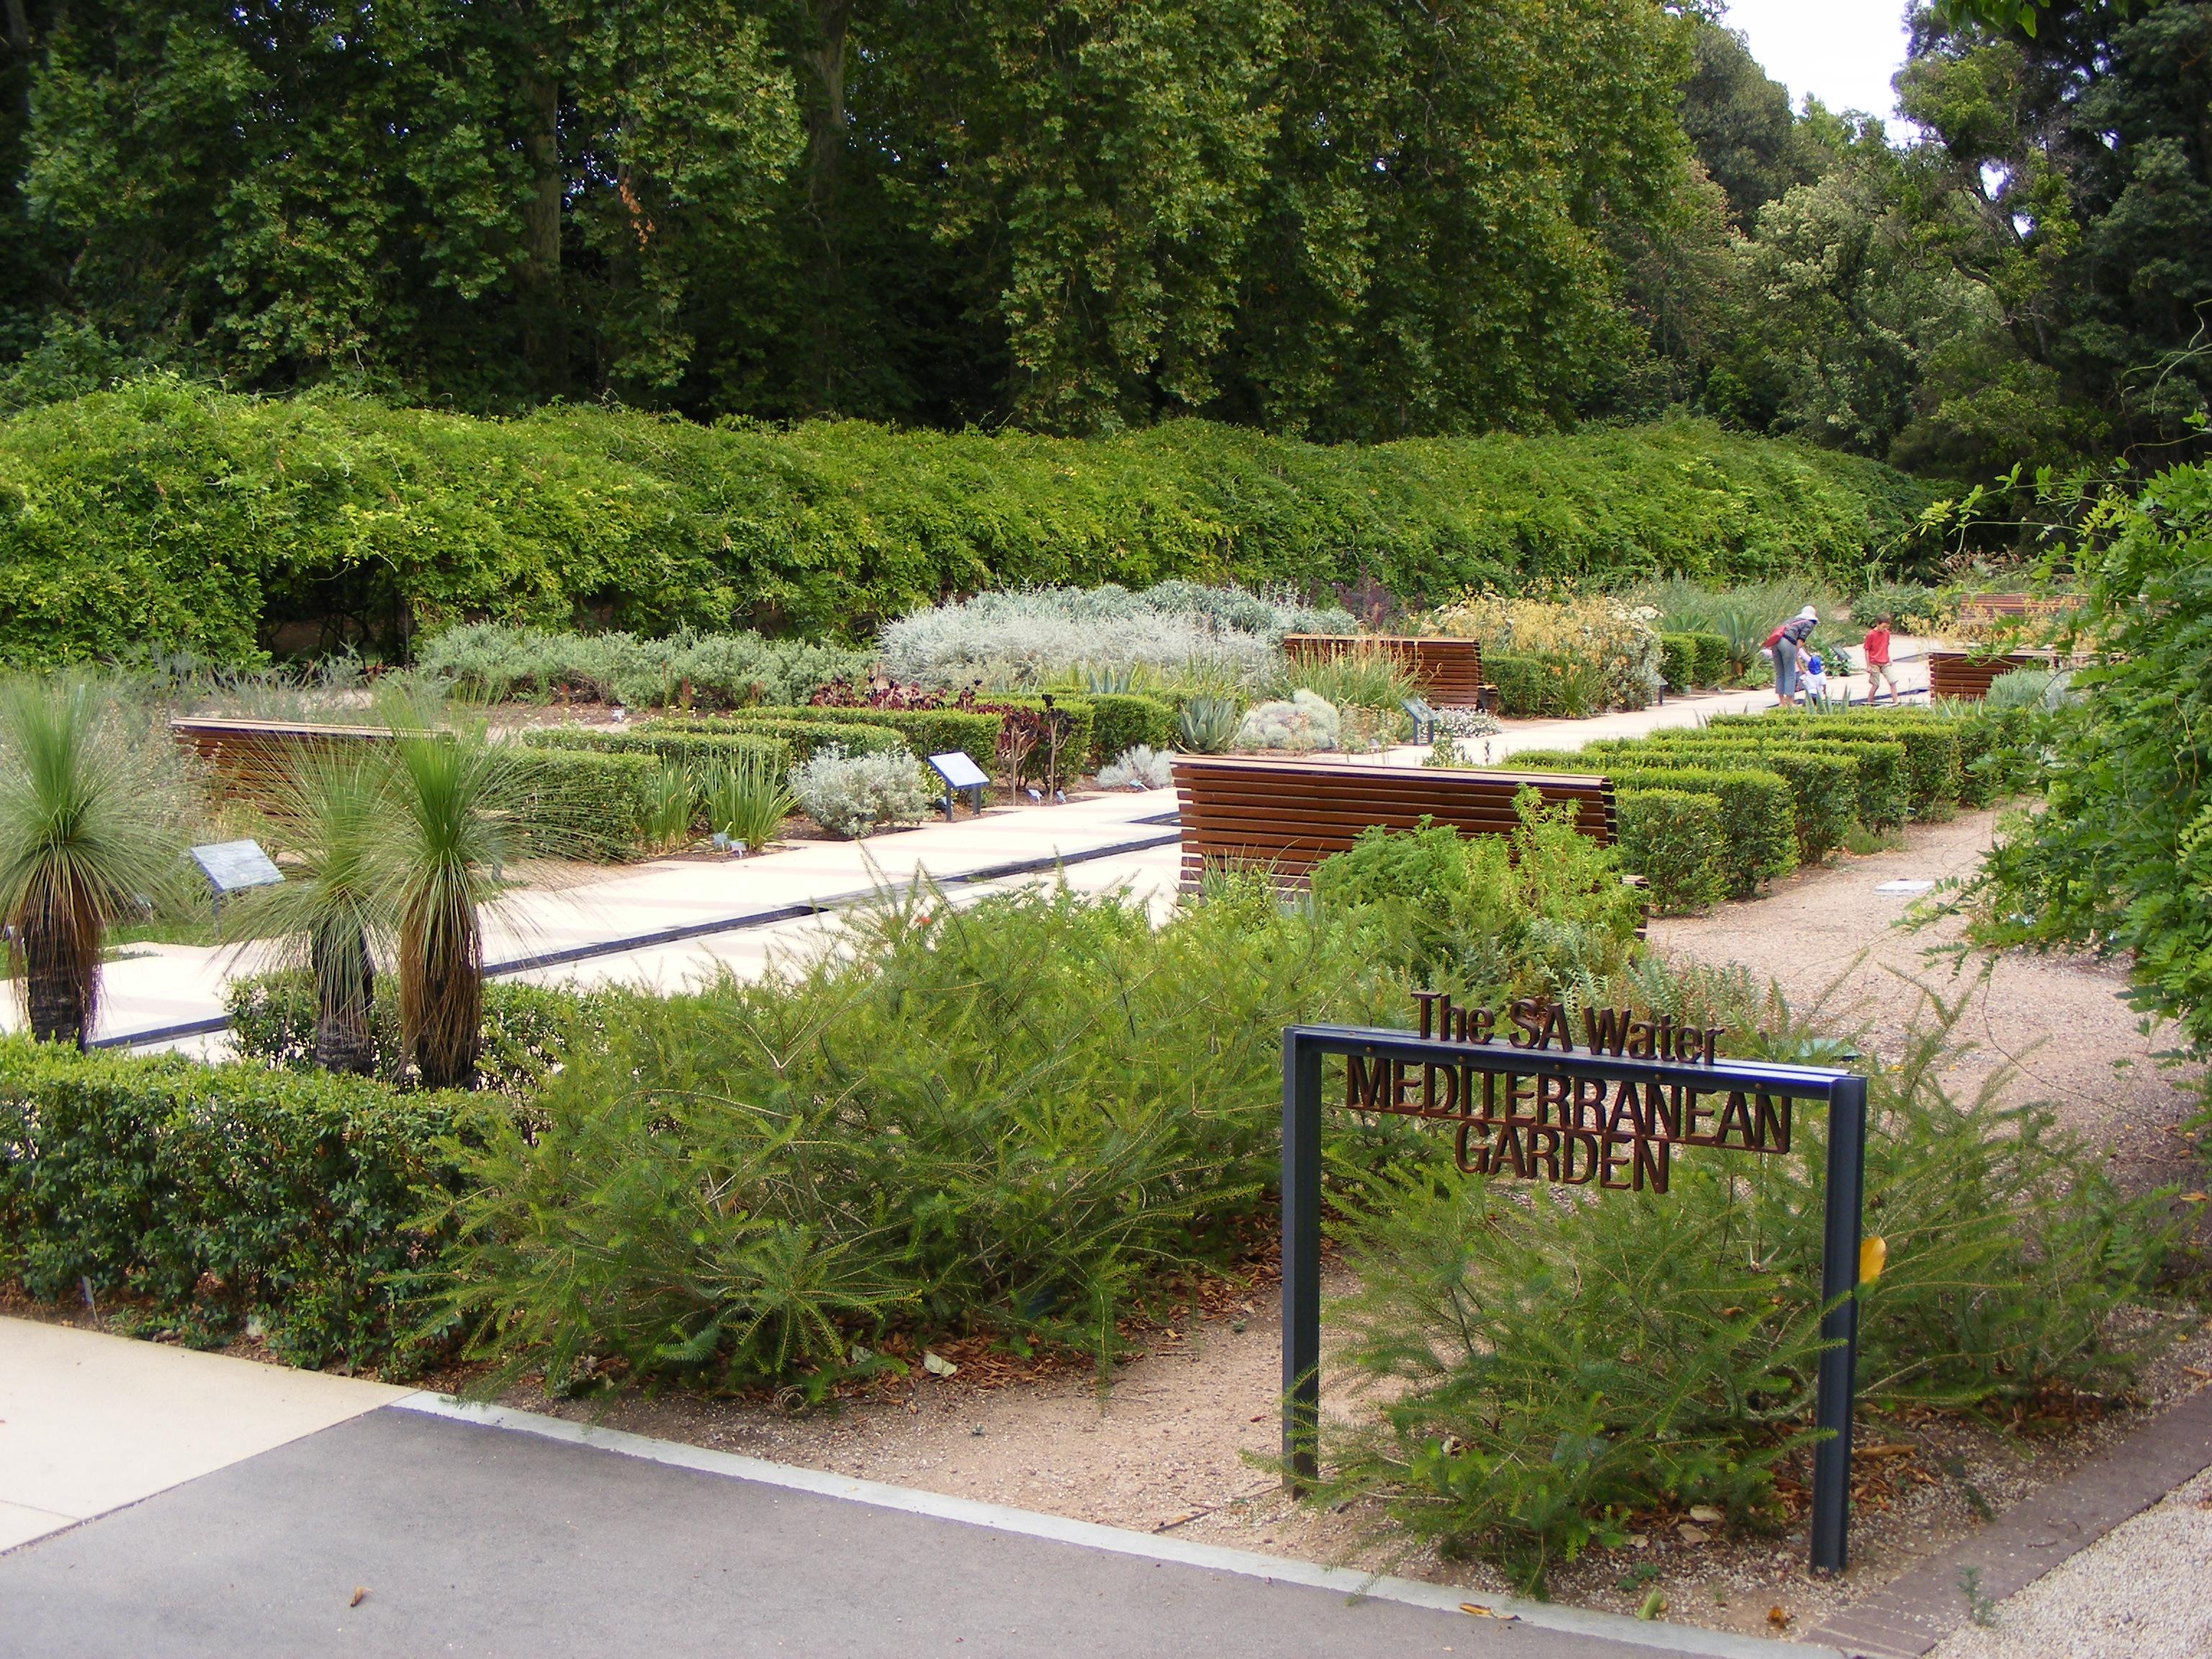 filesawater mediterranean garden botanic gardenjpg - Mediterranean Garden